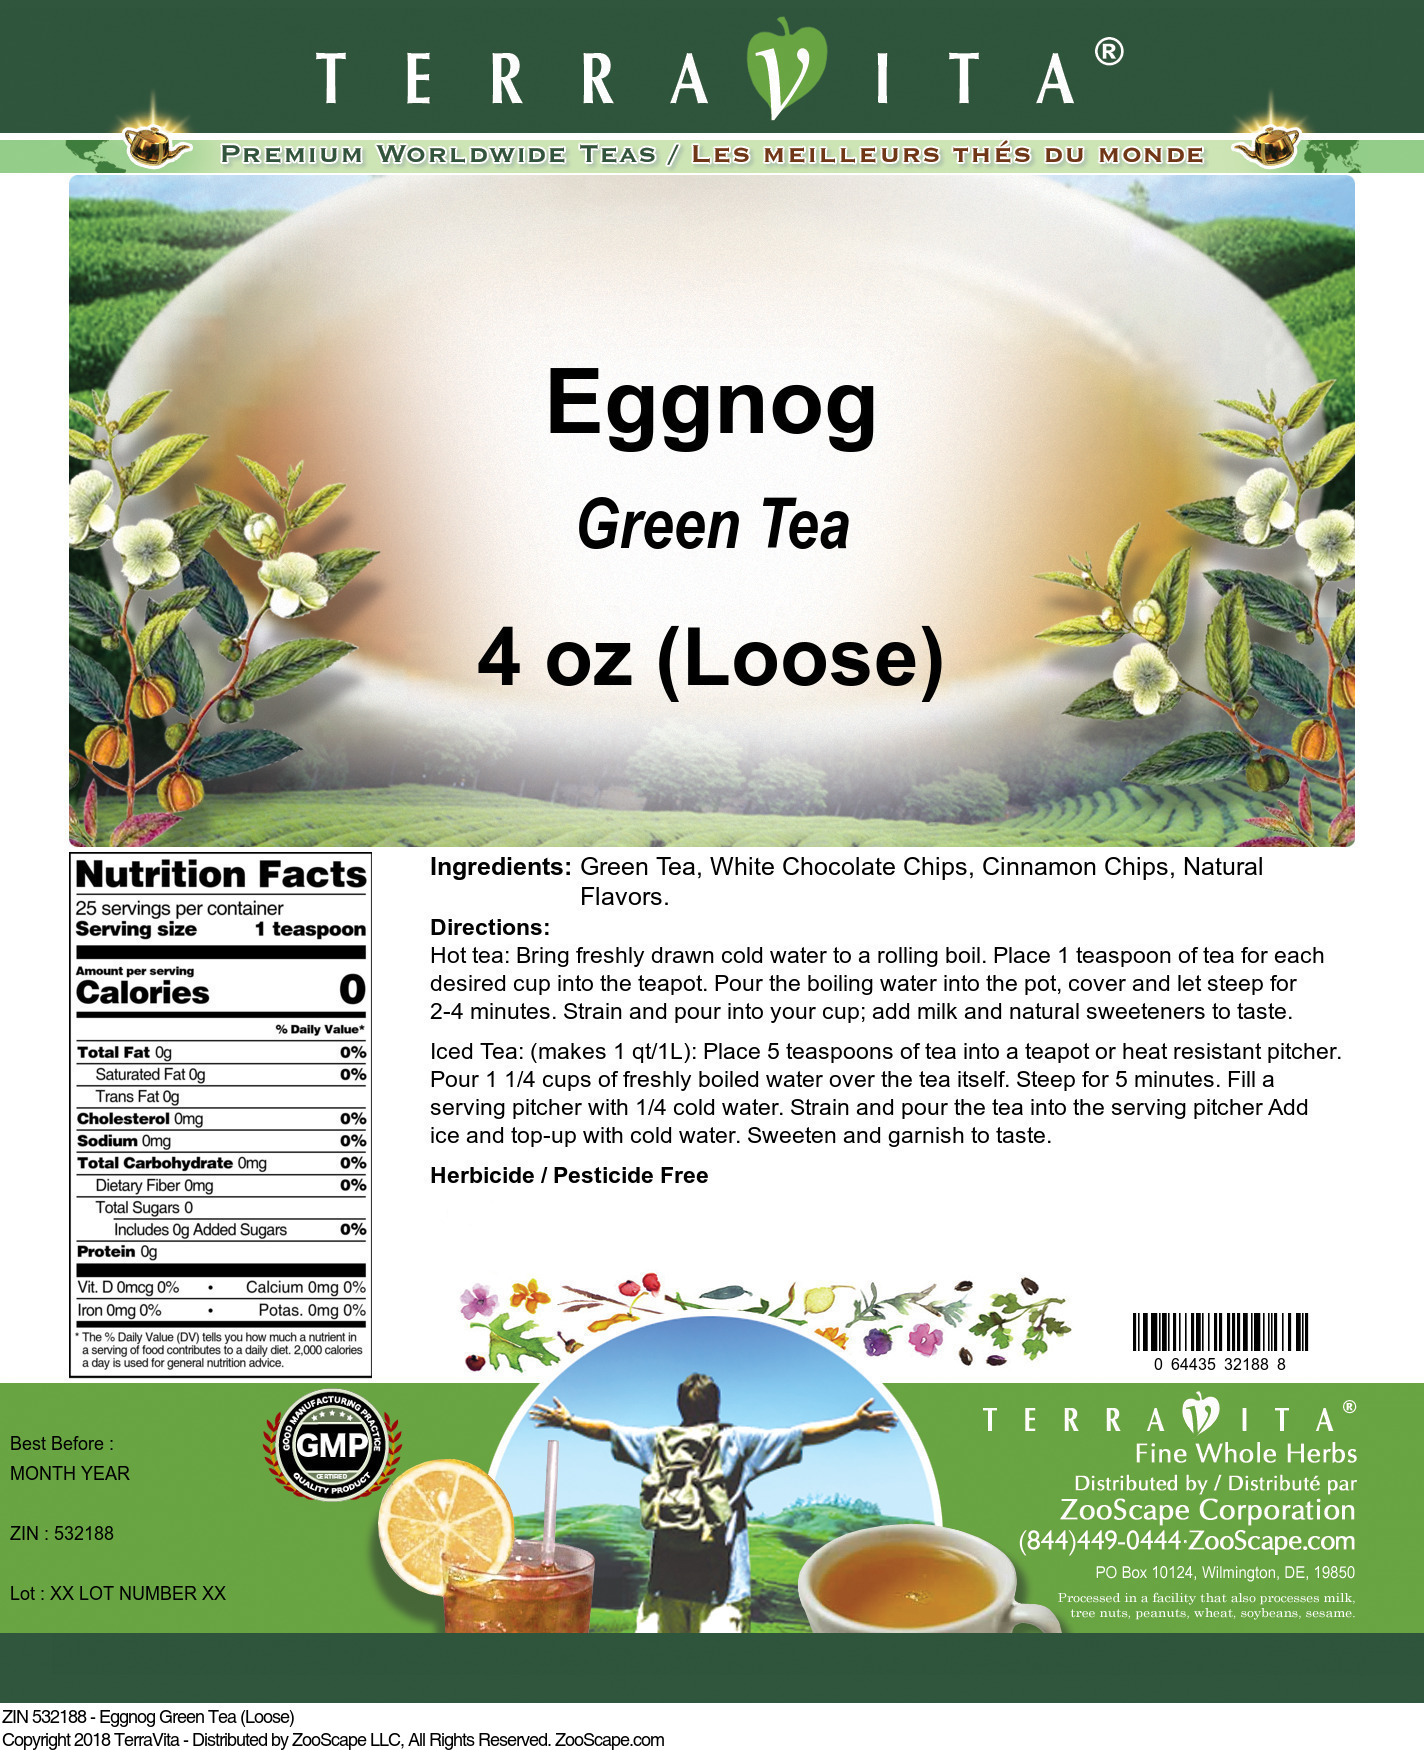 Eggnog Green Tea